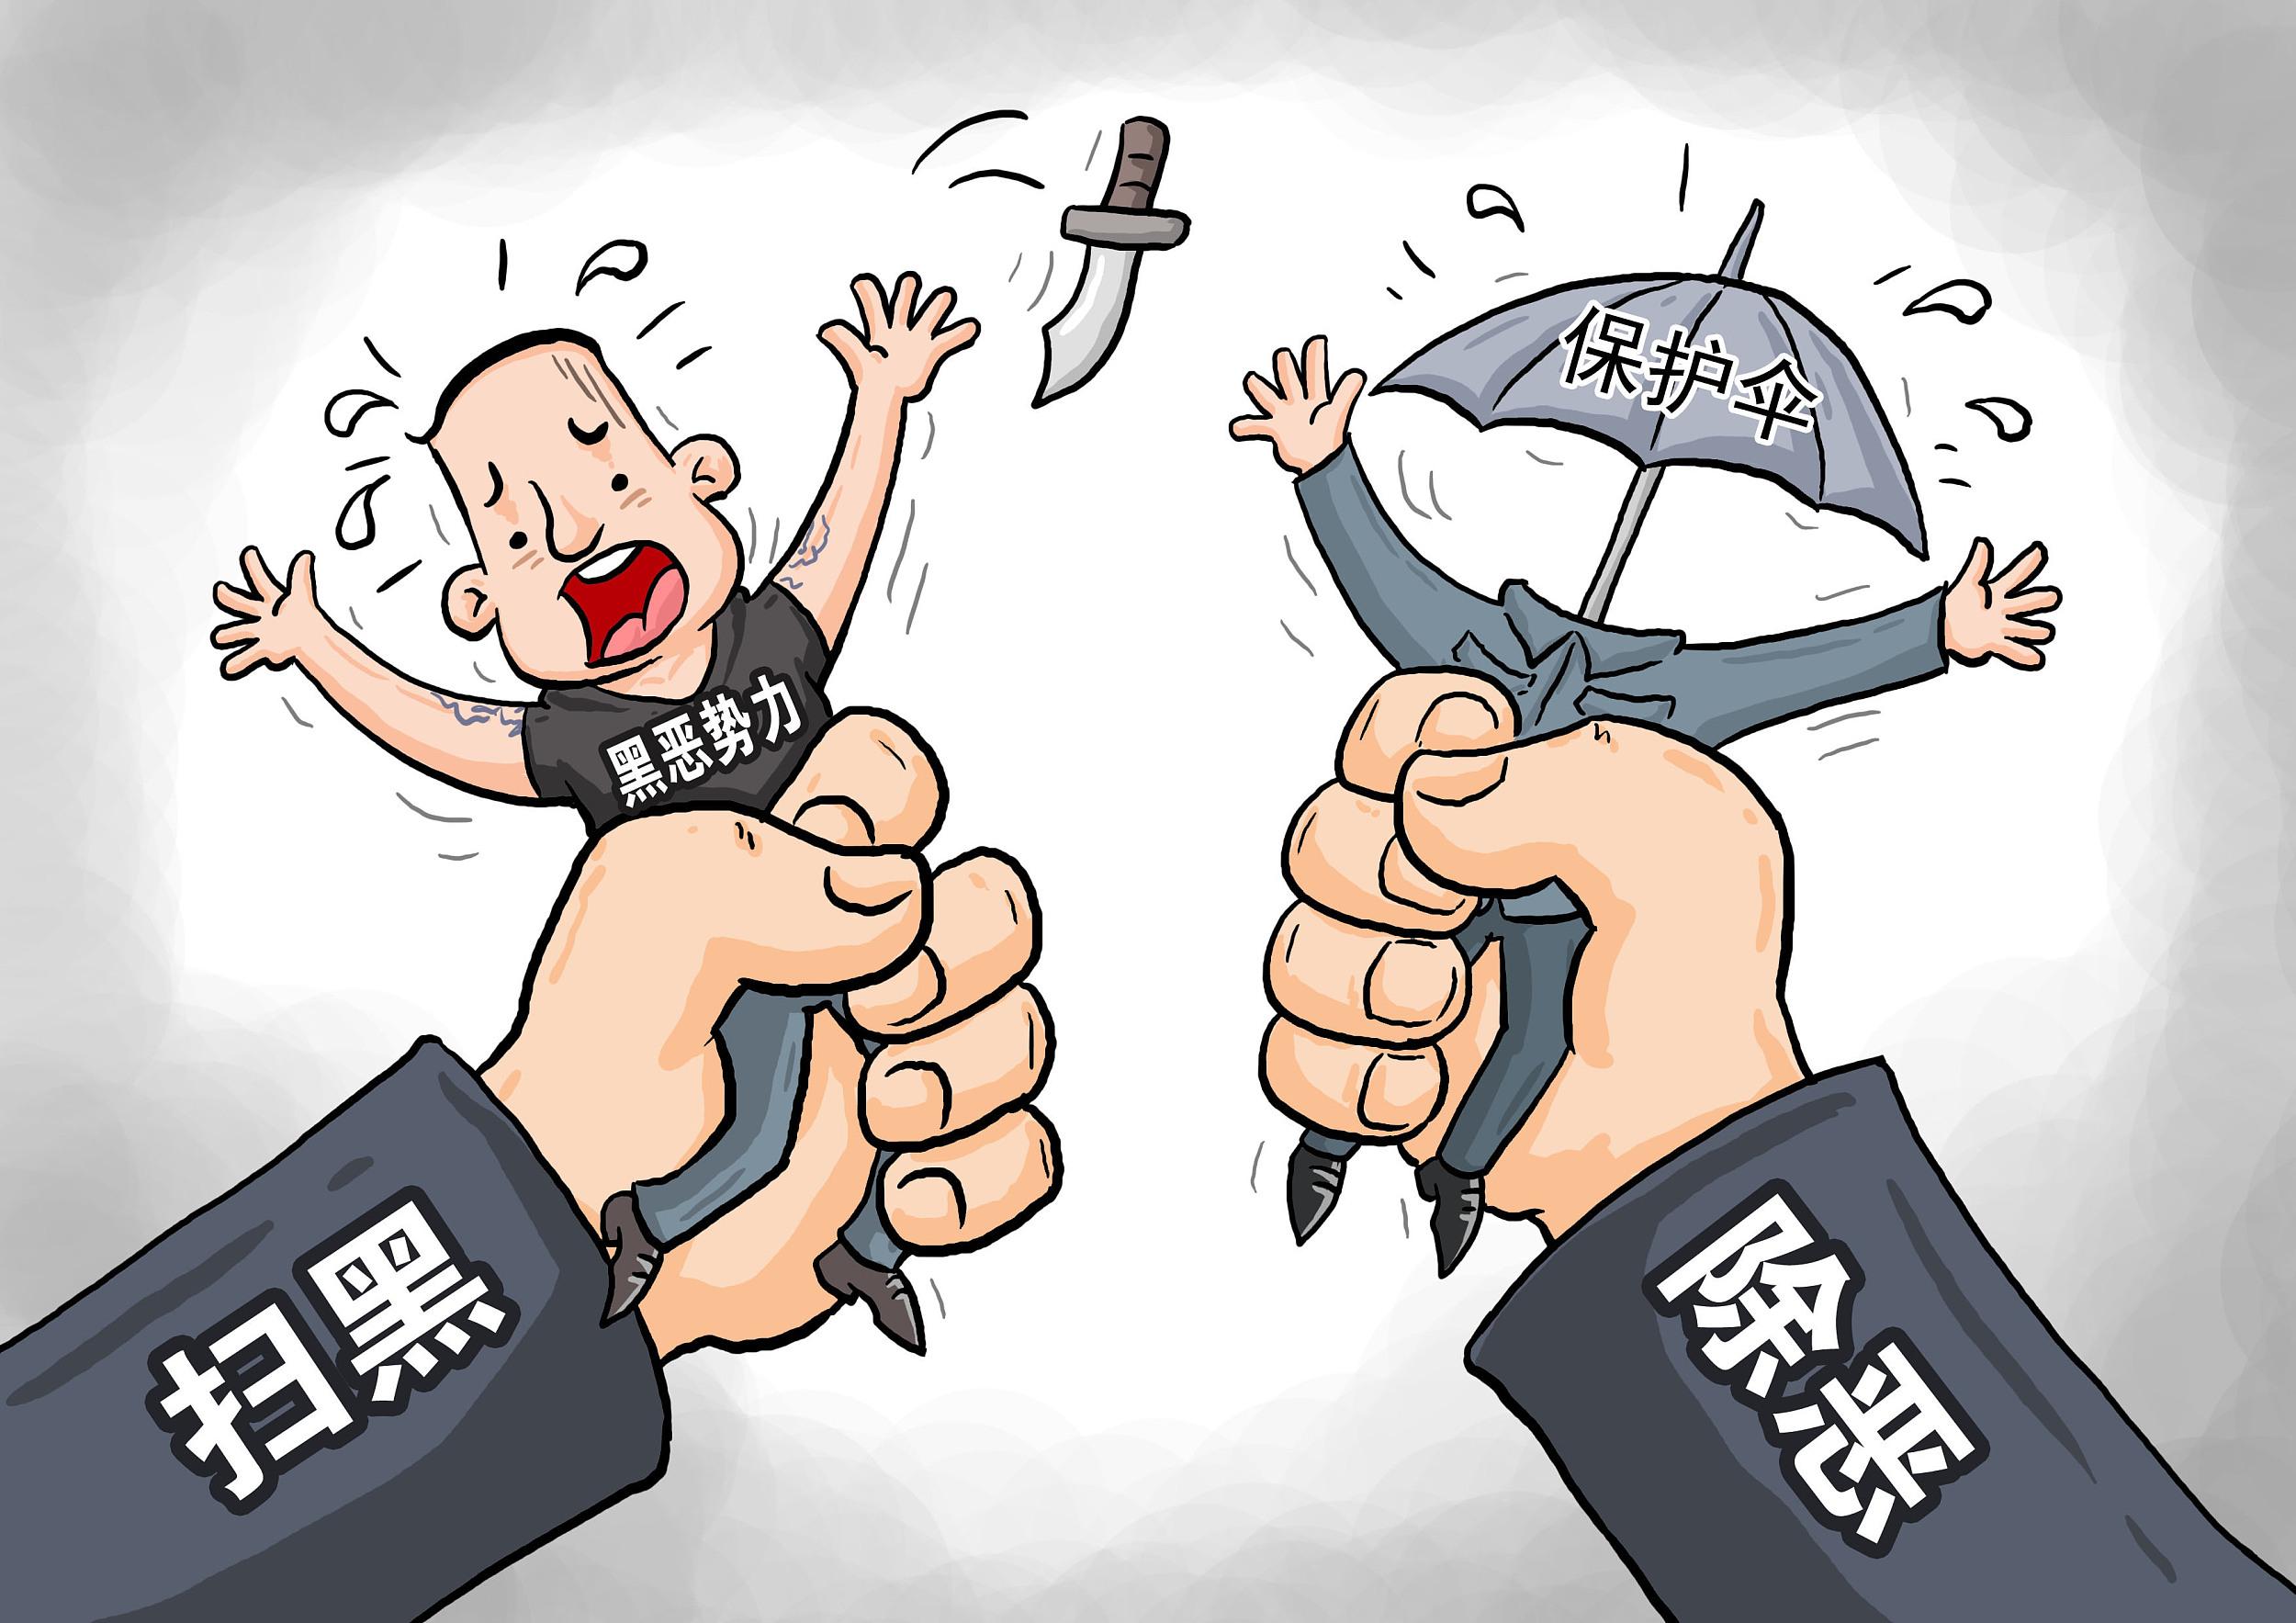 【扫黑除恶中央督导在河北】沧州:约谈七个重点行业监管部门